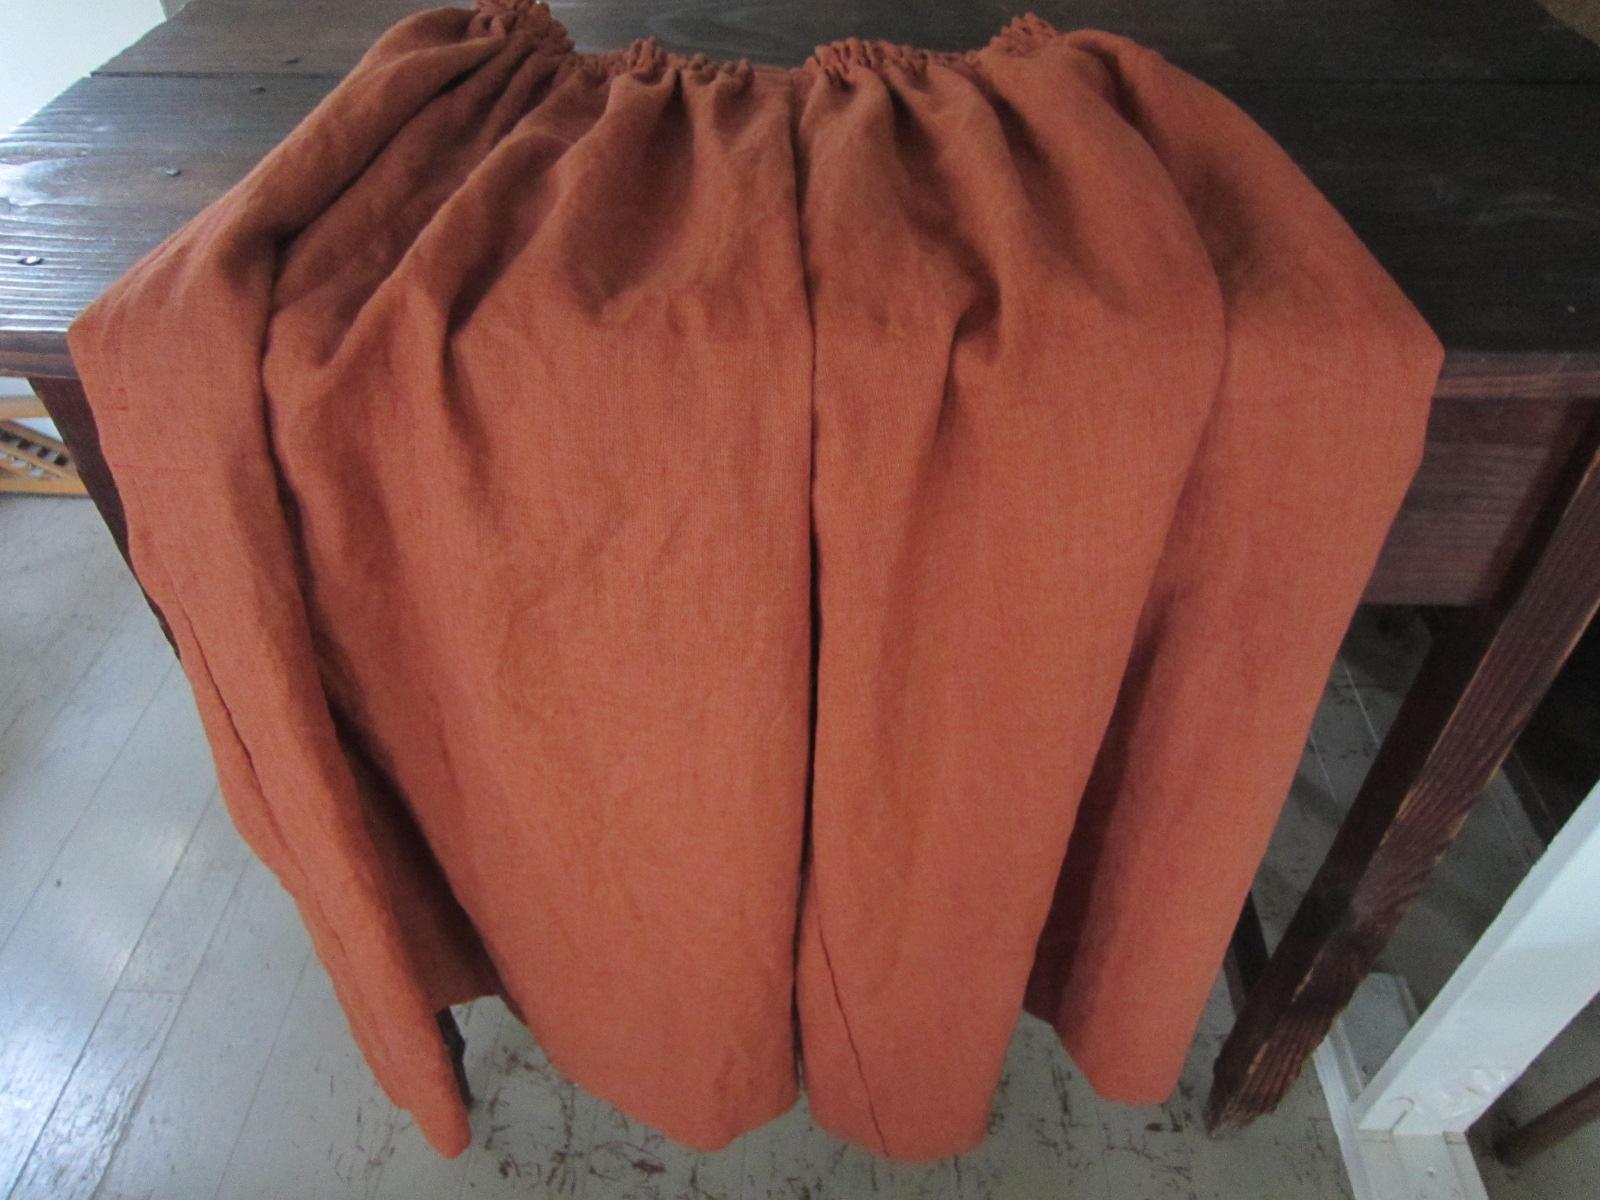 オレンジのキュロットスカート&『古い布でつくる』/山中とみこさん_b0207631_9405378.jpg